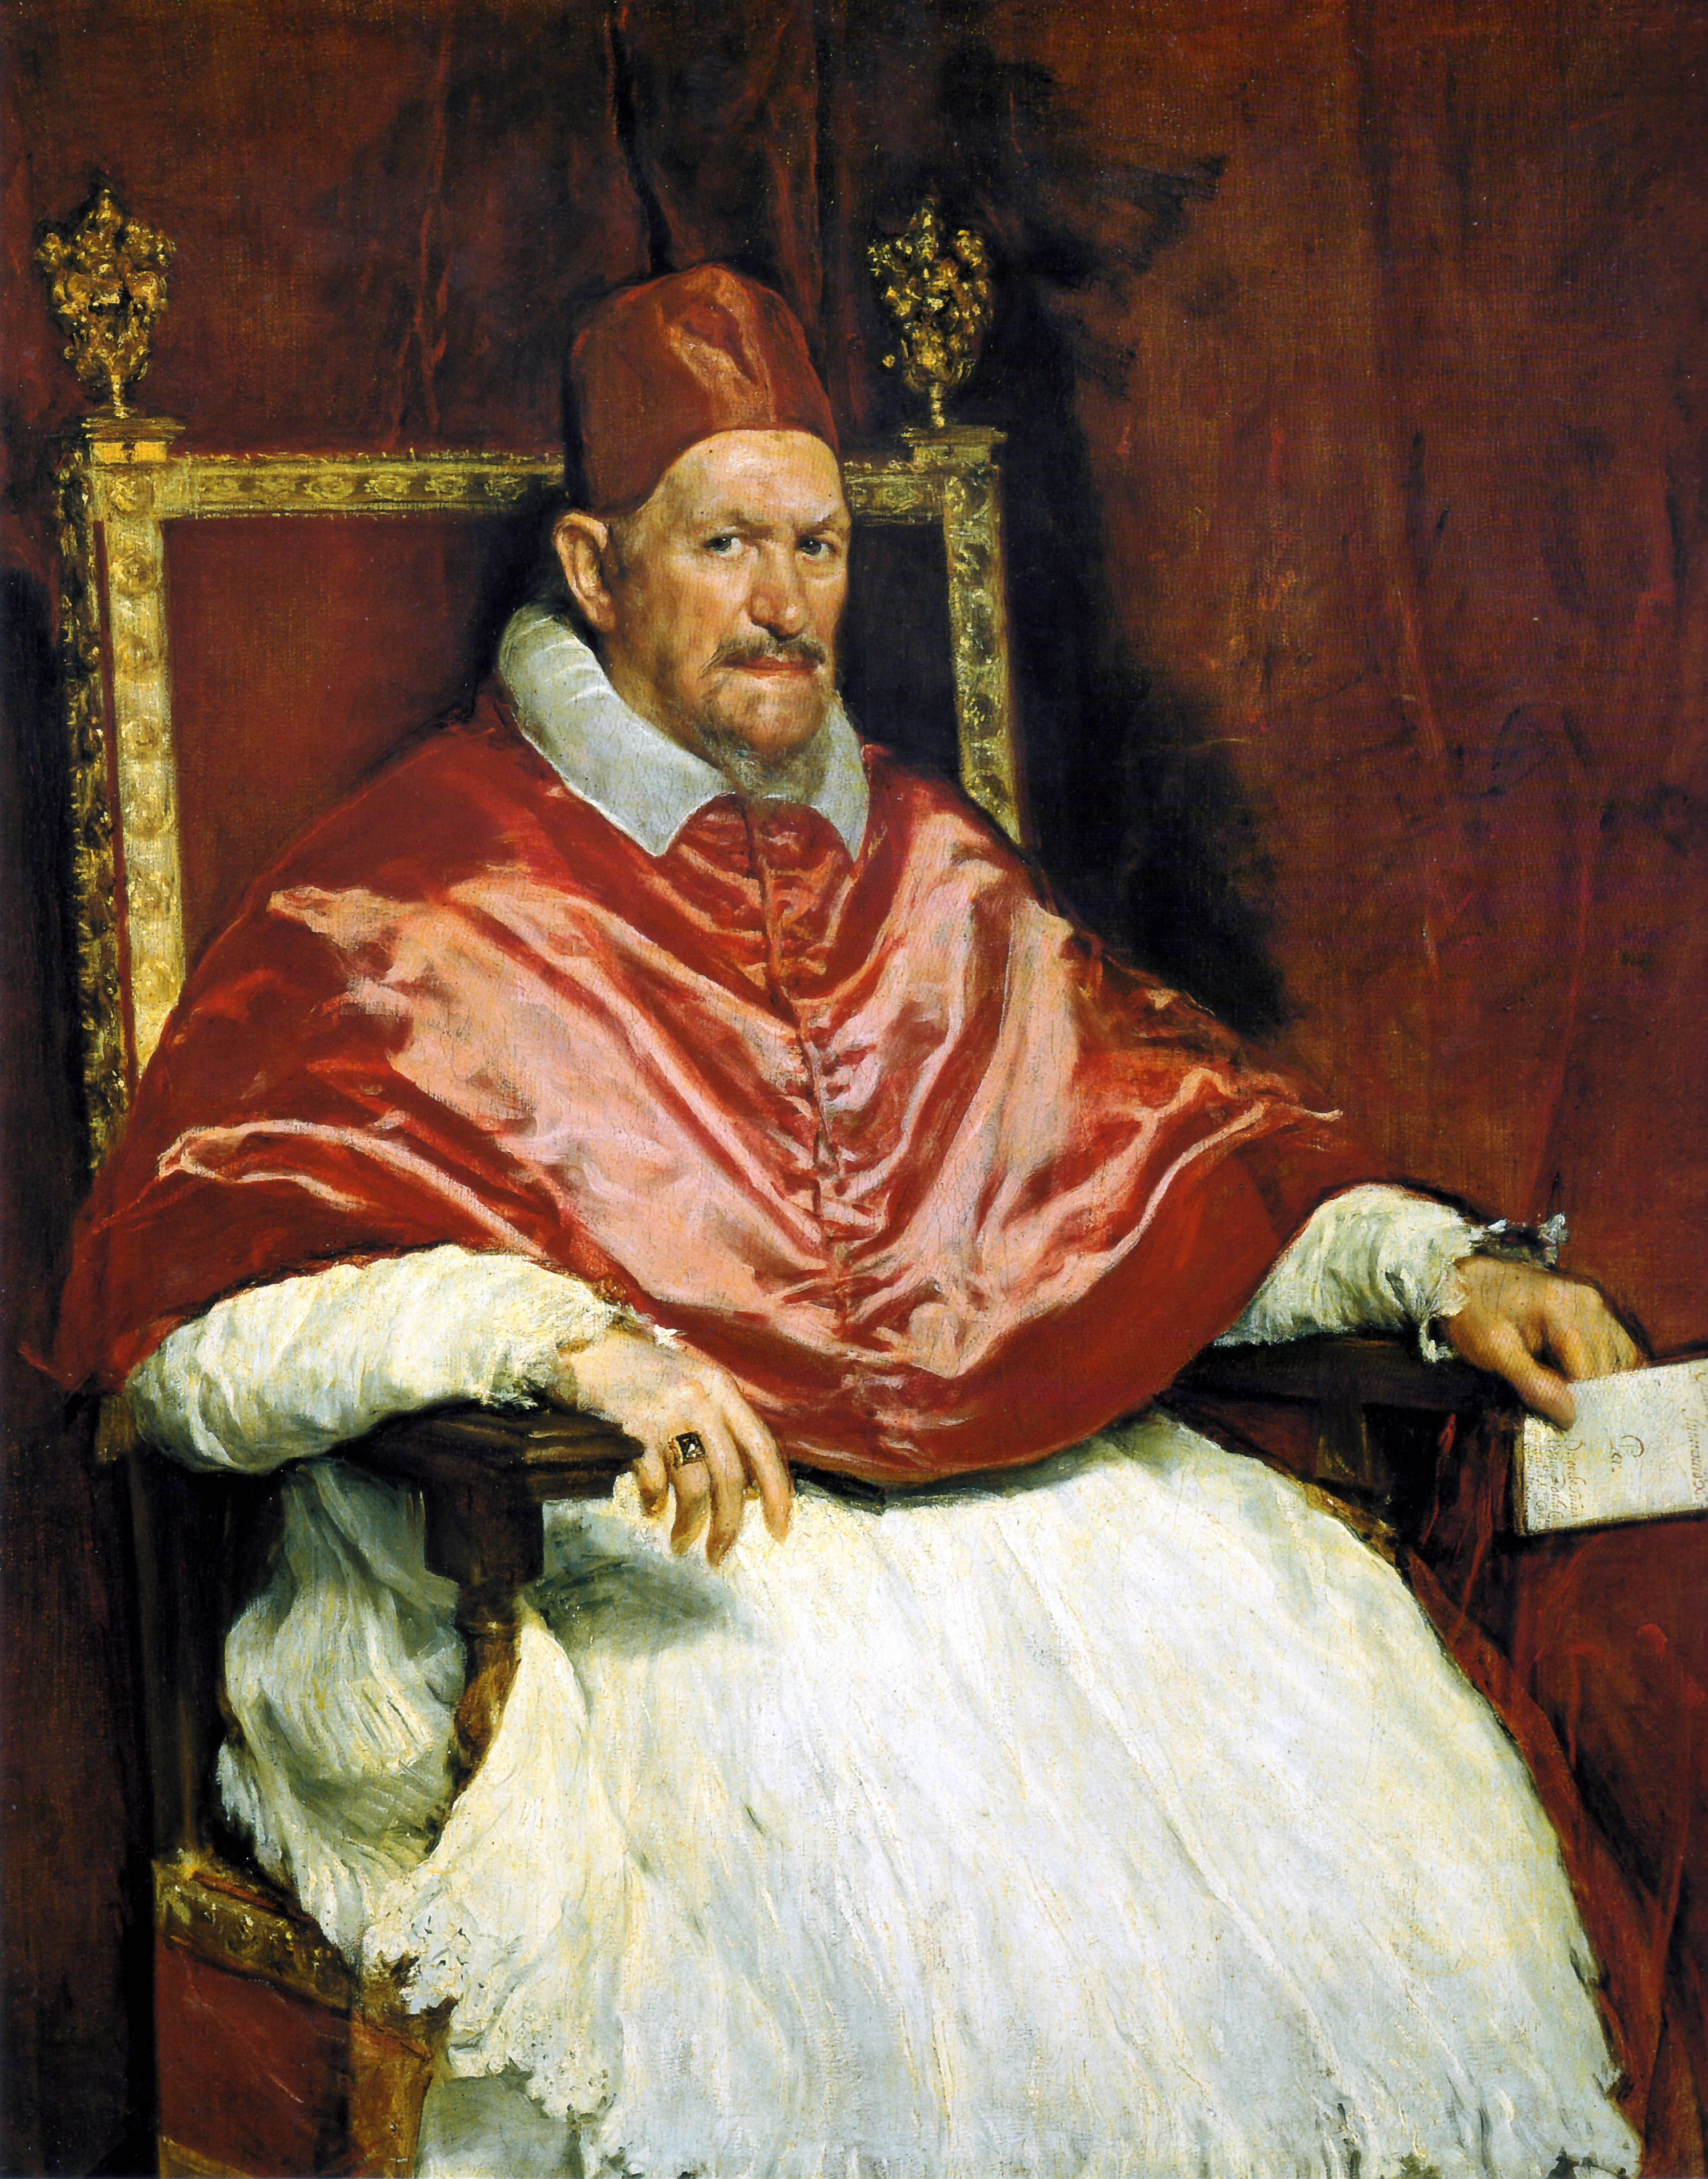 Retrato_del_Papa_Inocencio_X._Roma,_by_Diego_Velázquez.jpg